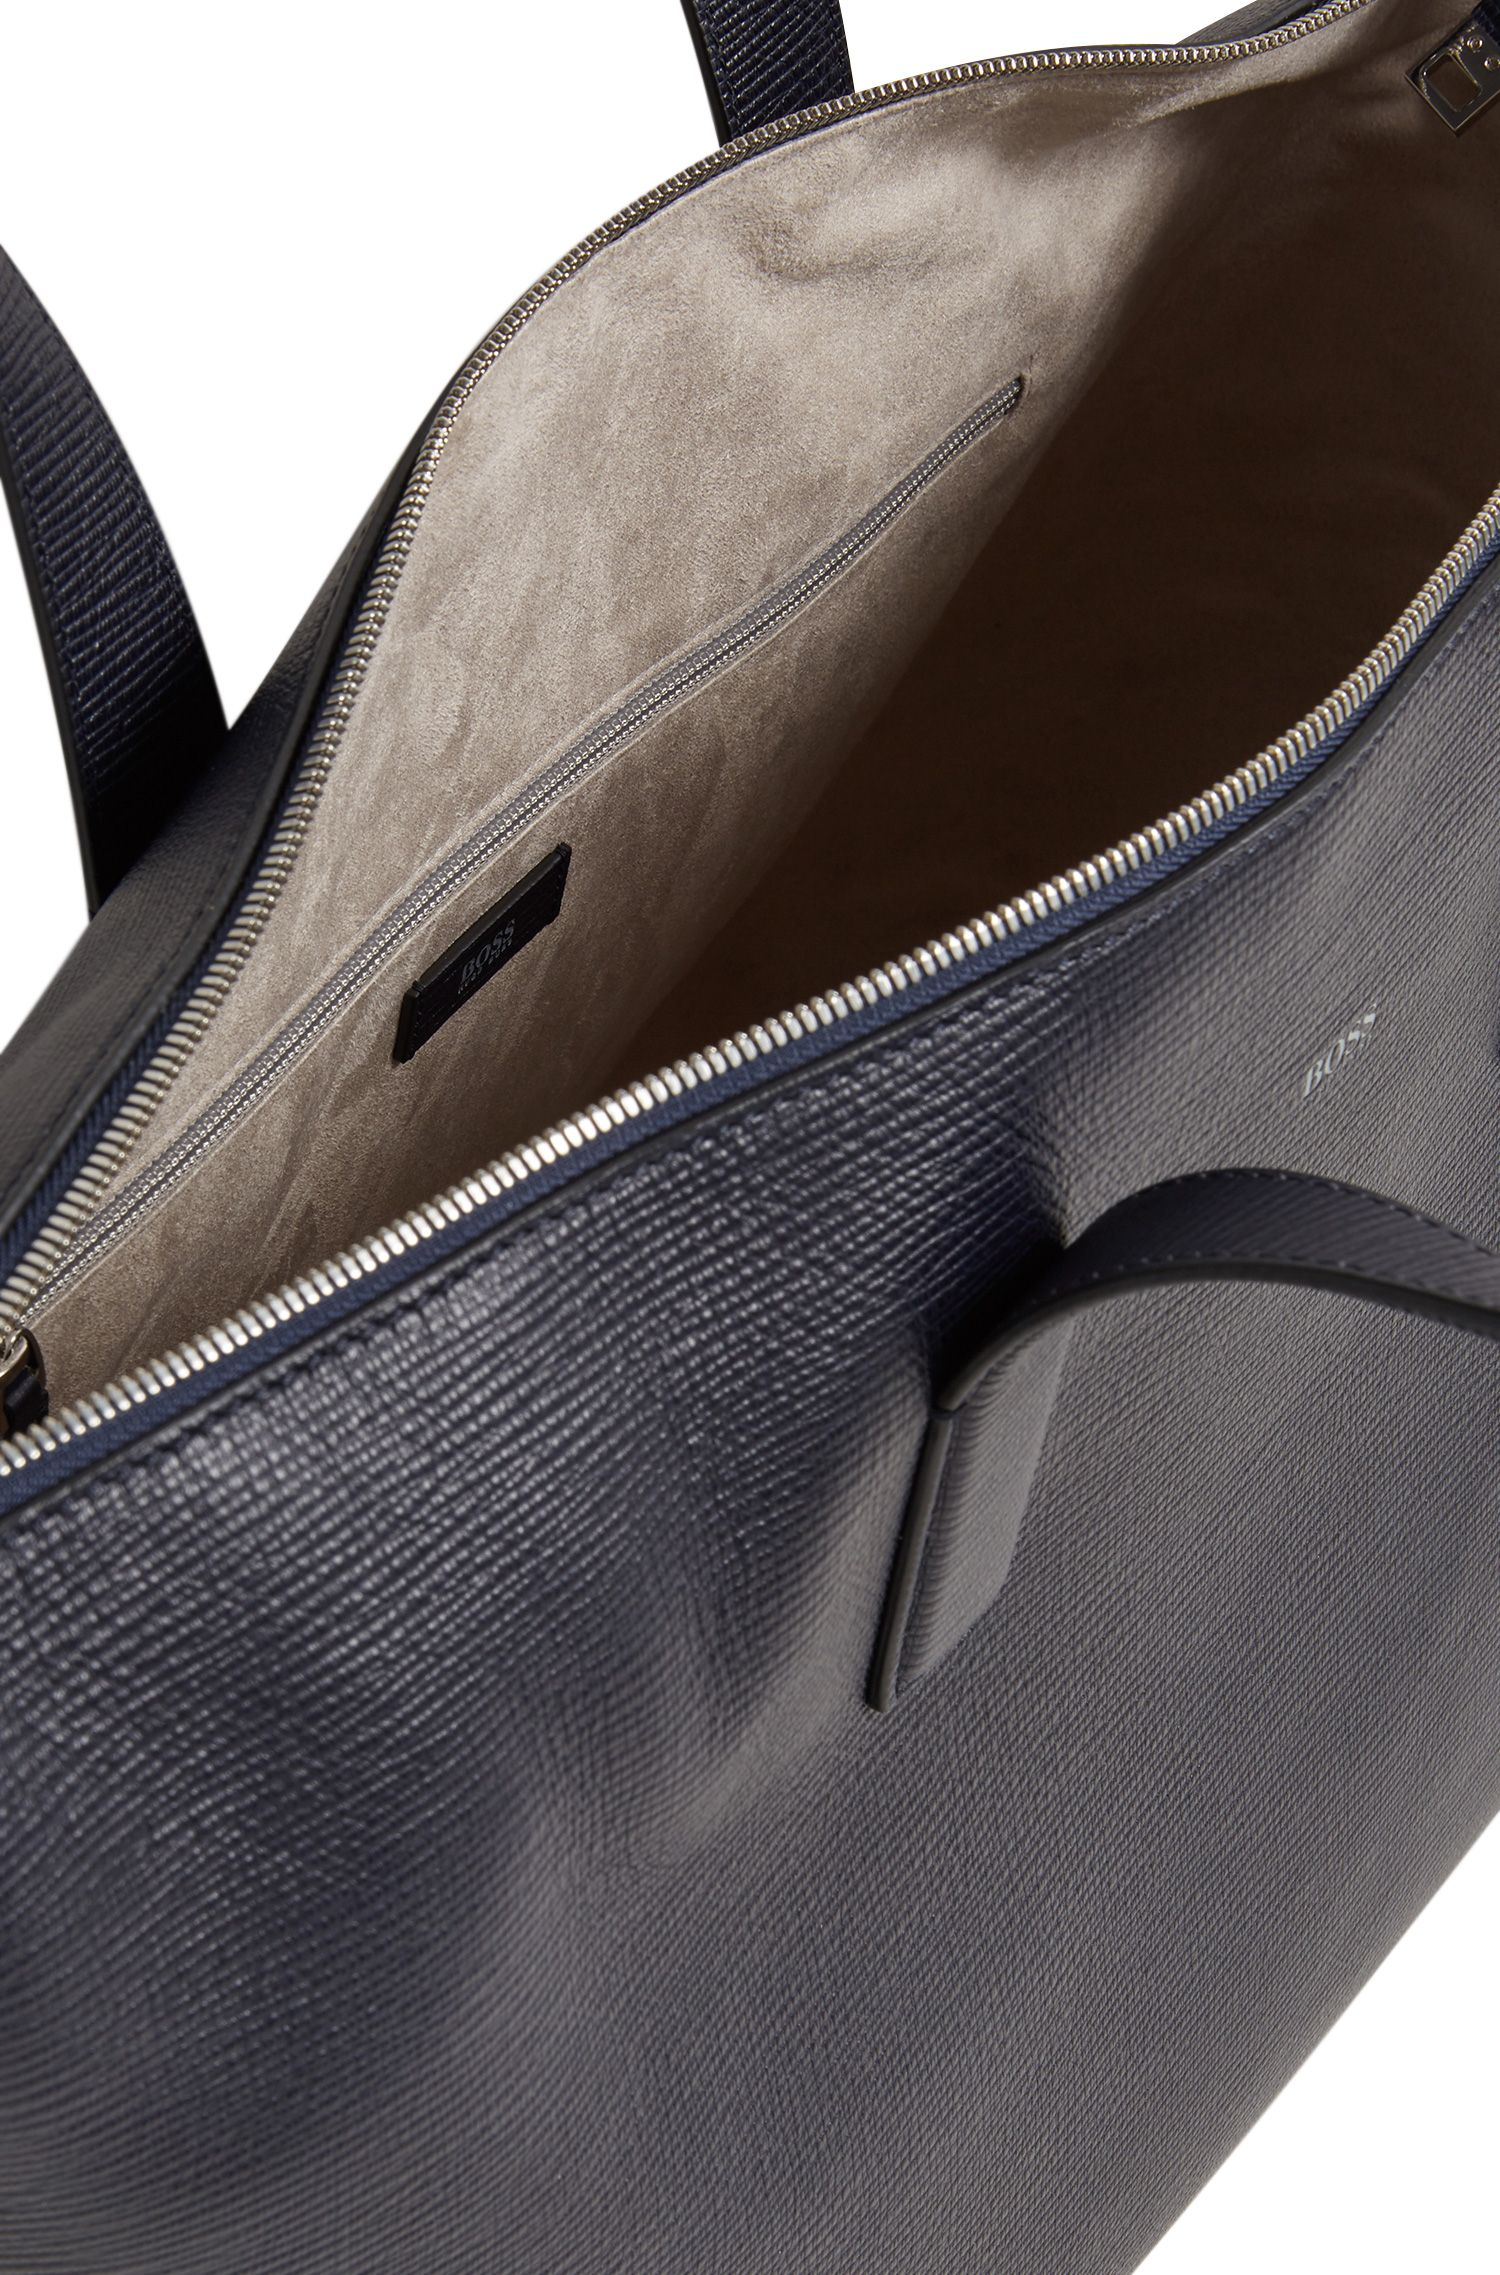 Amplio bolso weekender en piel estampada con cremallera bidireccional